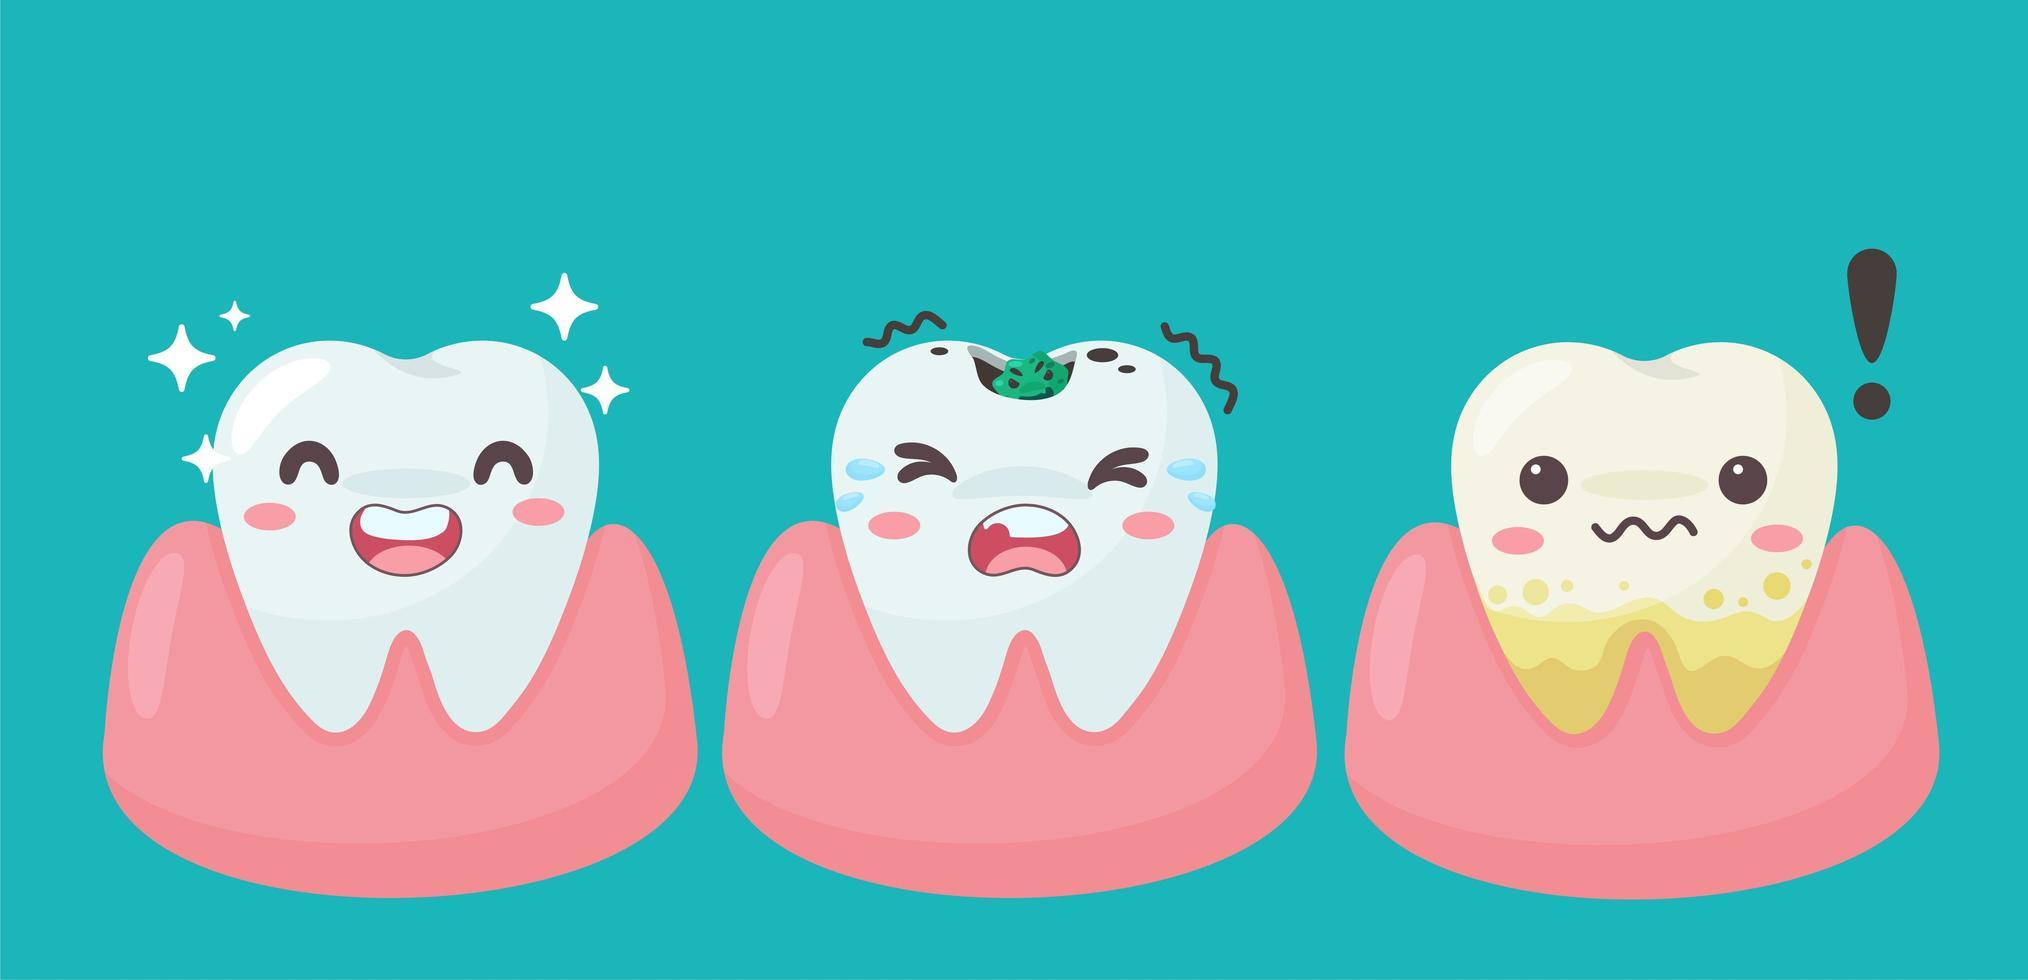 glückliche und verfallene Zähne und Zahnfleisch vektor